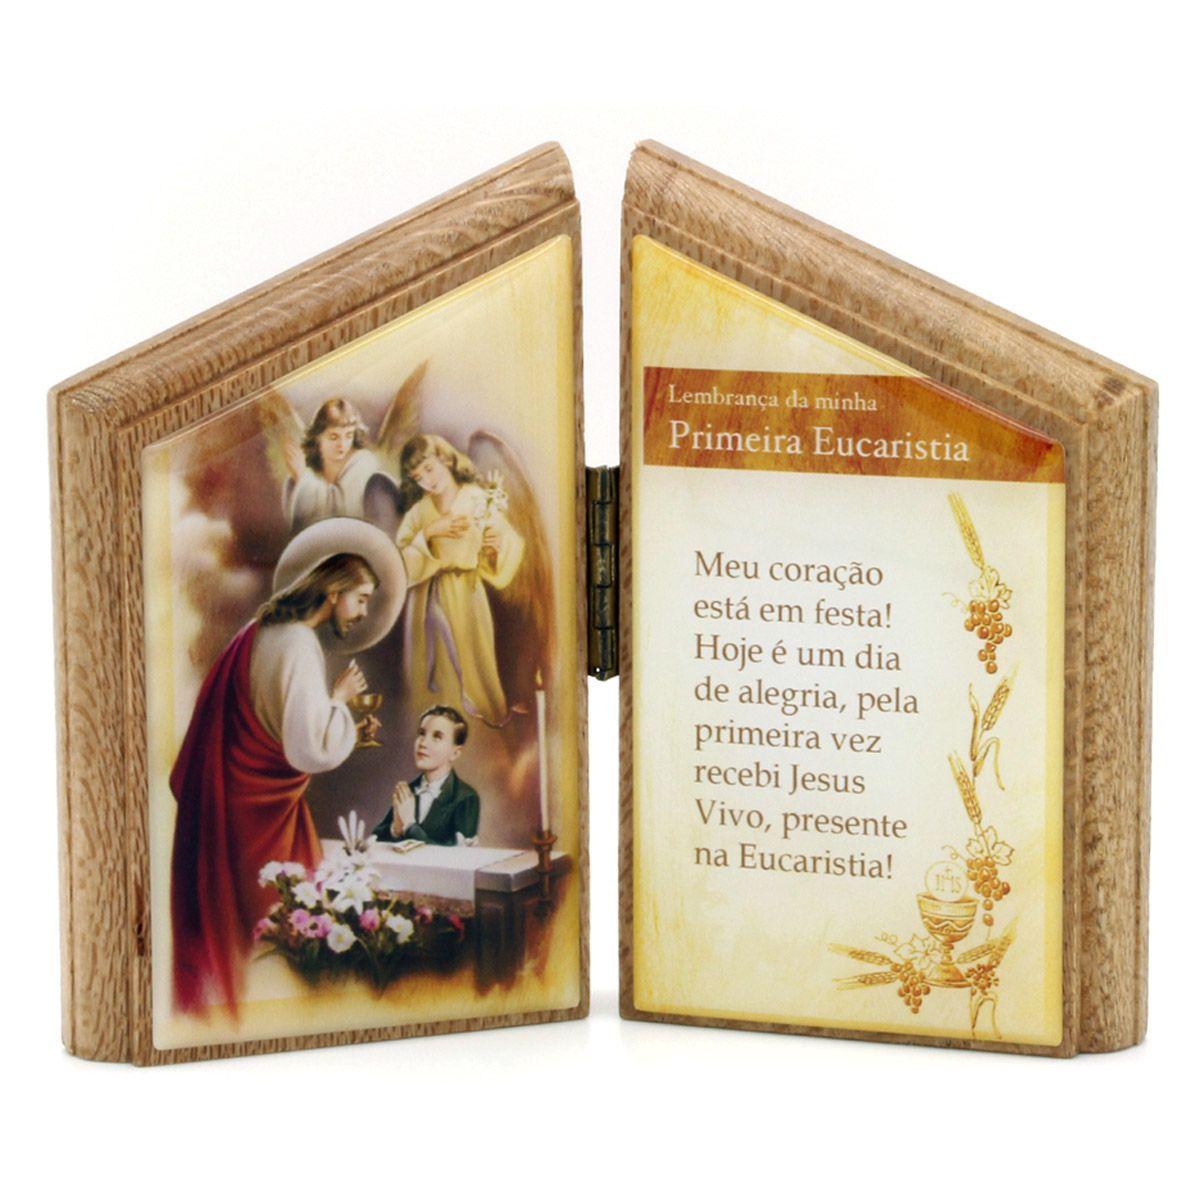 Lembrança Primeira Comunhão de mesa com oração  - em madeira - masculino